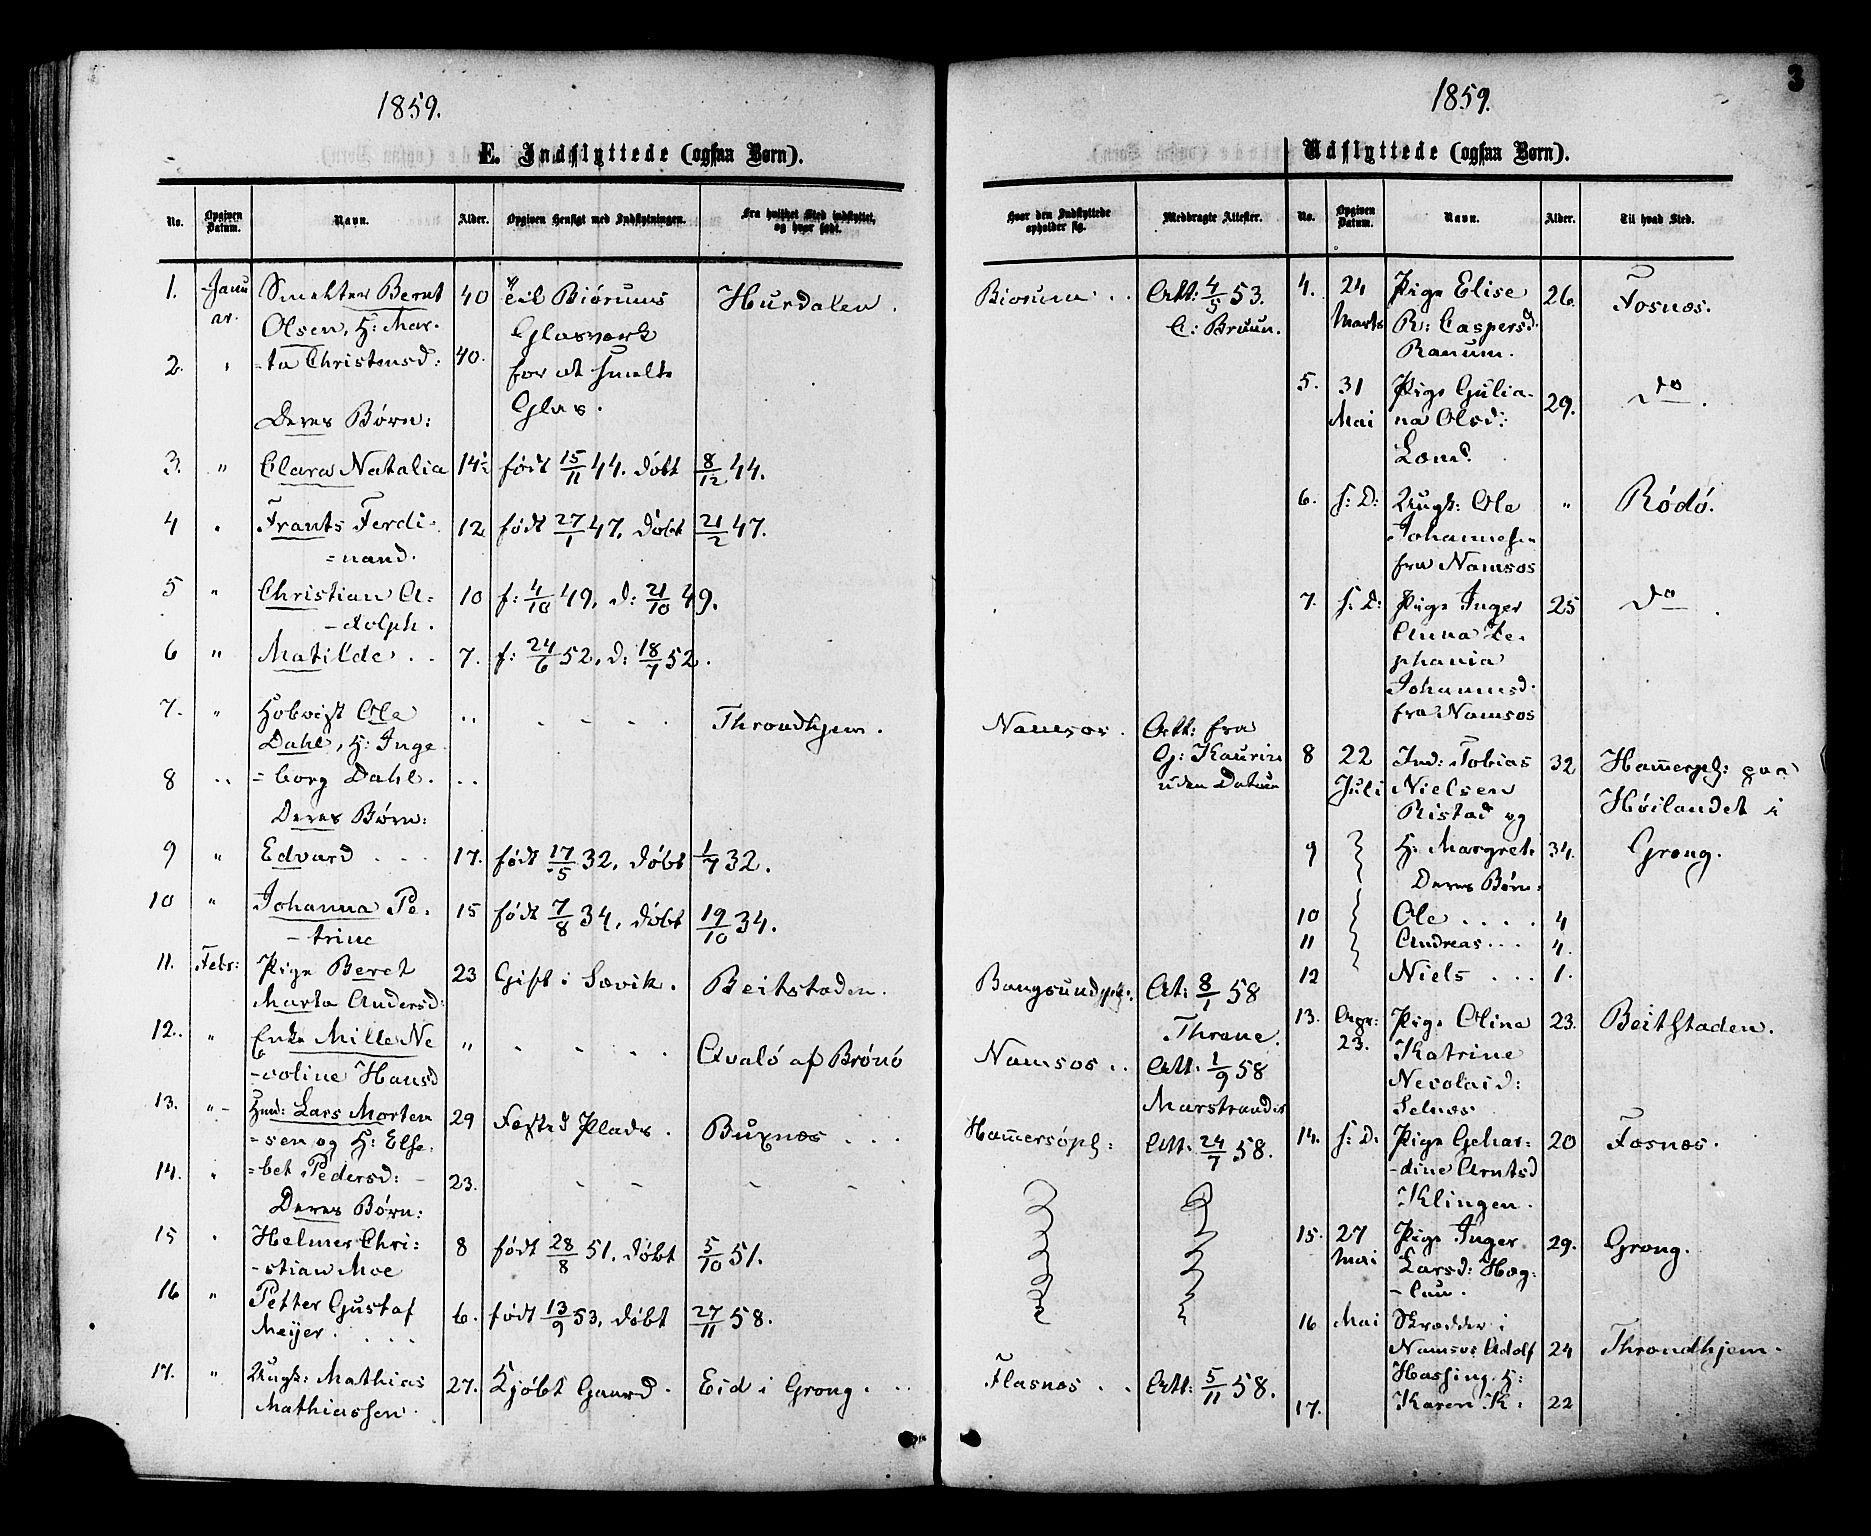 SAT, Ministerialprotokoller, klokkerbøker og fødselsregistre - Nord-Trøndelag, 764/L0553: Ministerialbok nr. 764A08, 1858-1880, s. 3